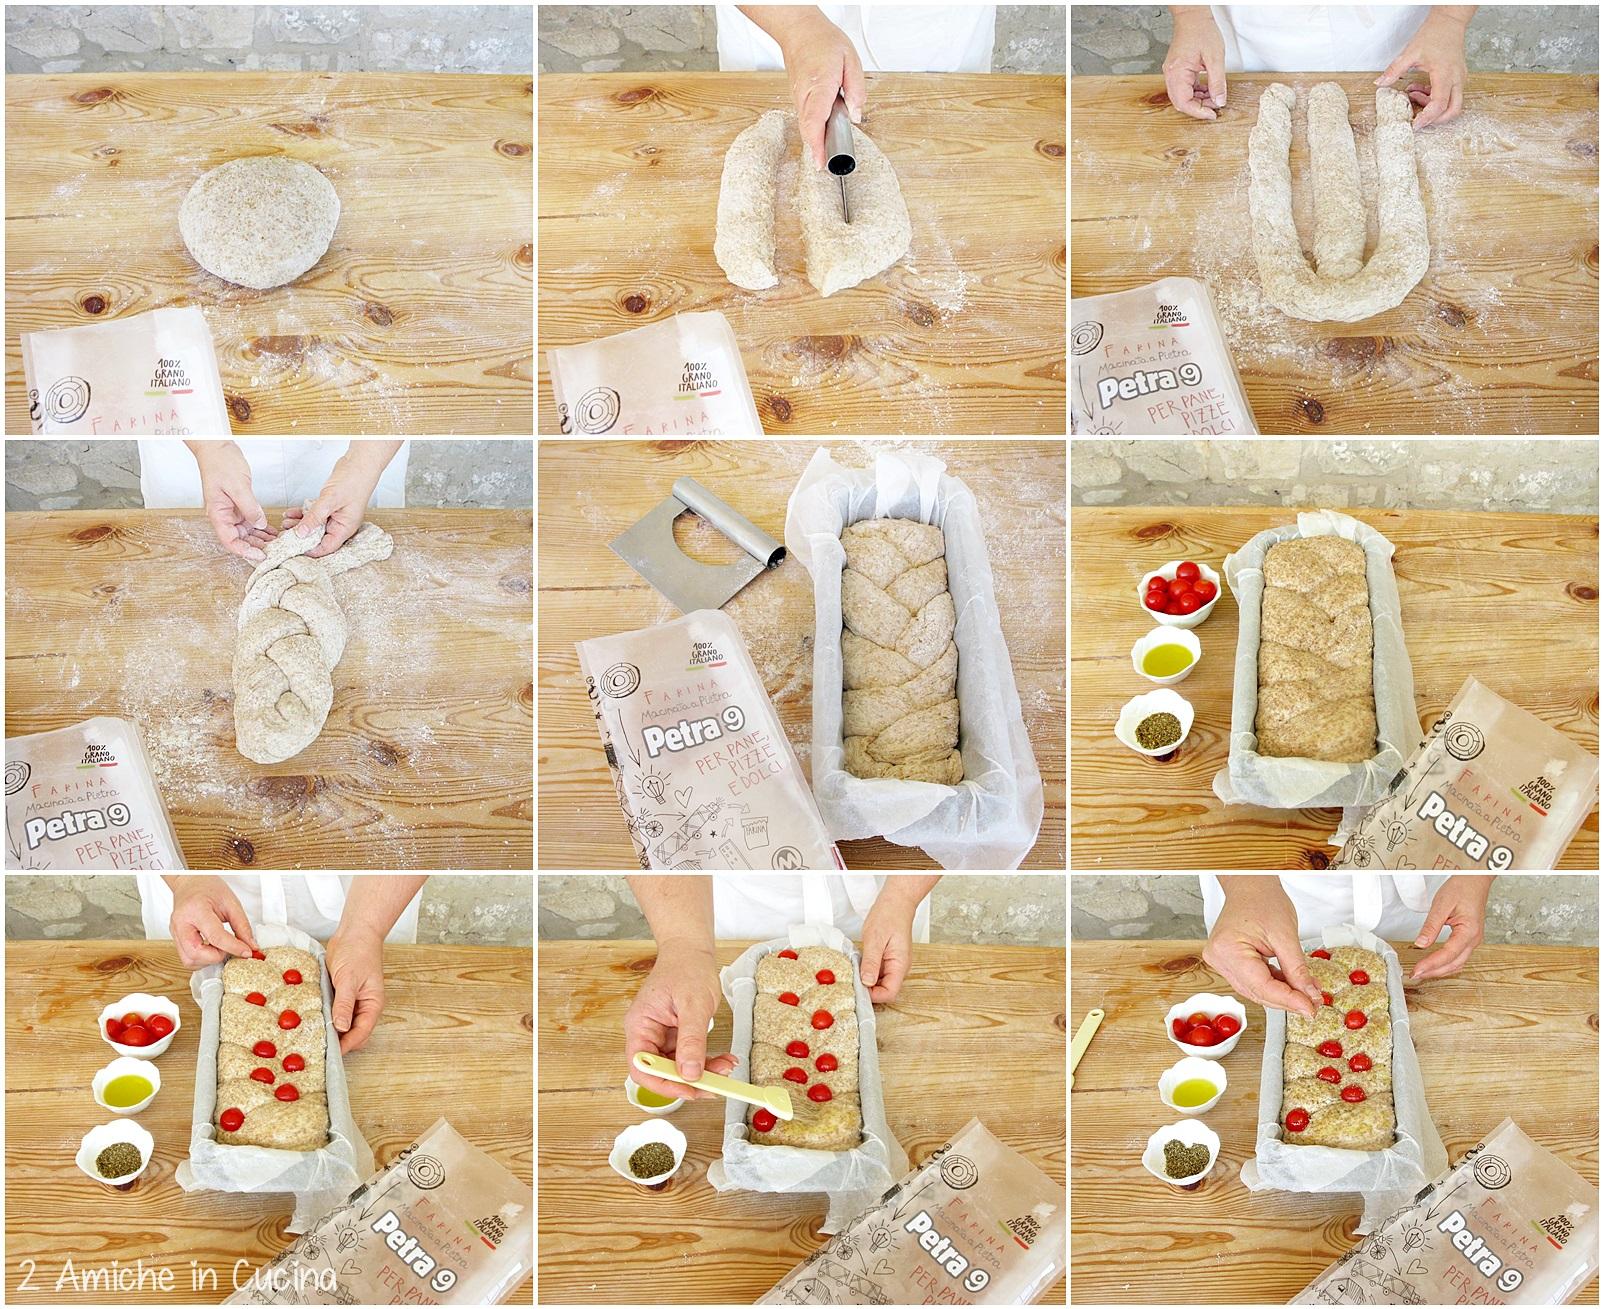 Pane integrale alle patate e cipolle con pomodorini e origano preparazione